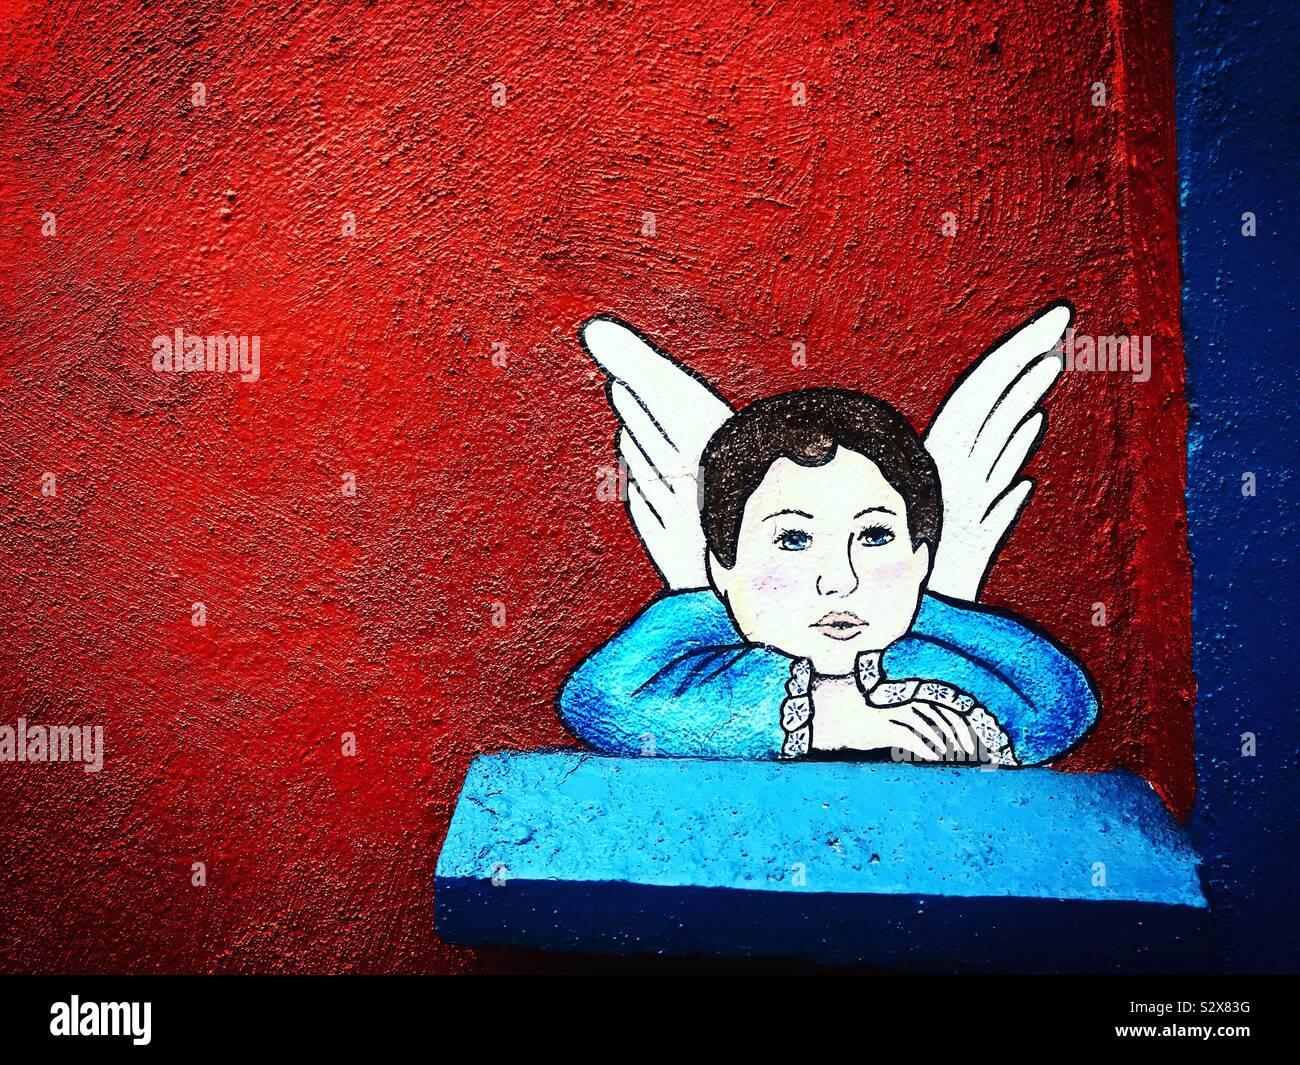 Una pintura de un querubín azul en una pared de color rojo en una casa en San Ángel, Ciudad de México, México Foto de stock